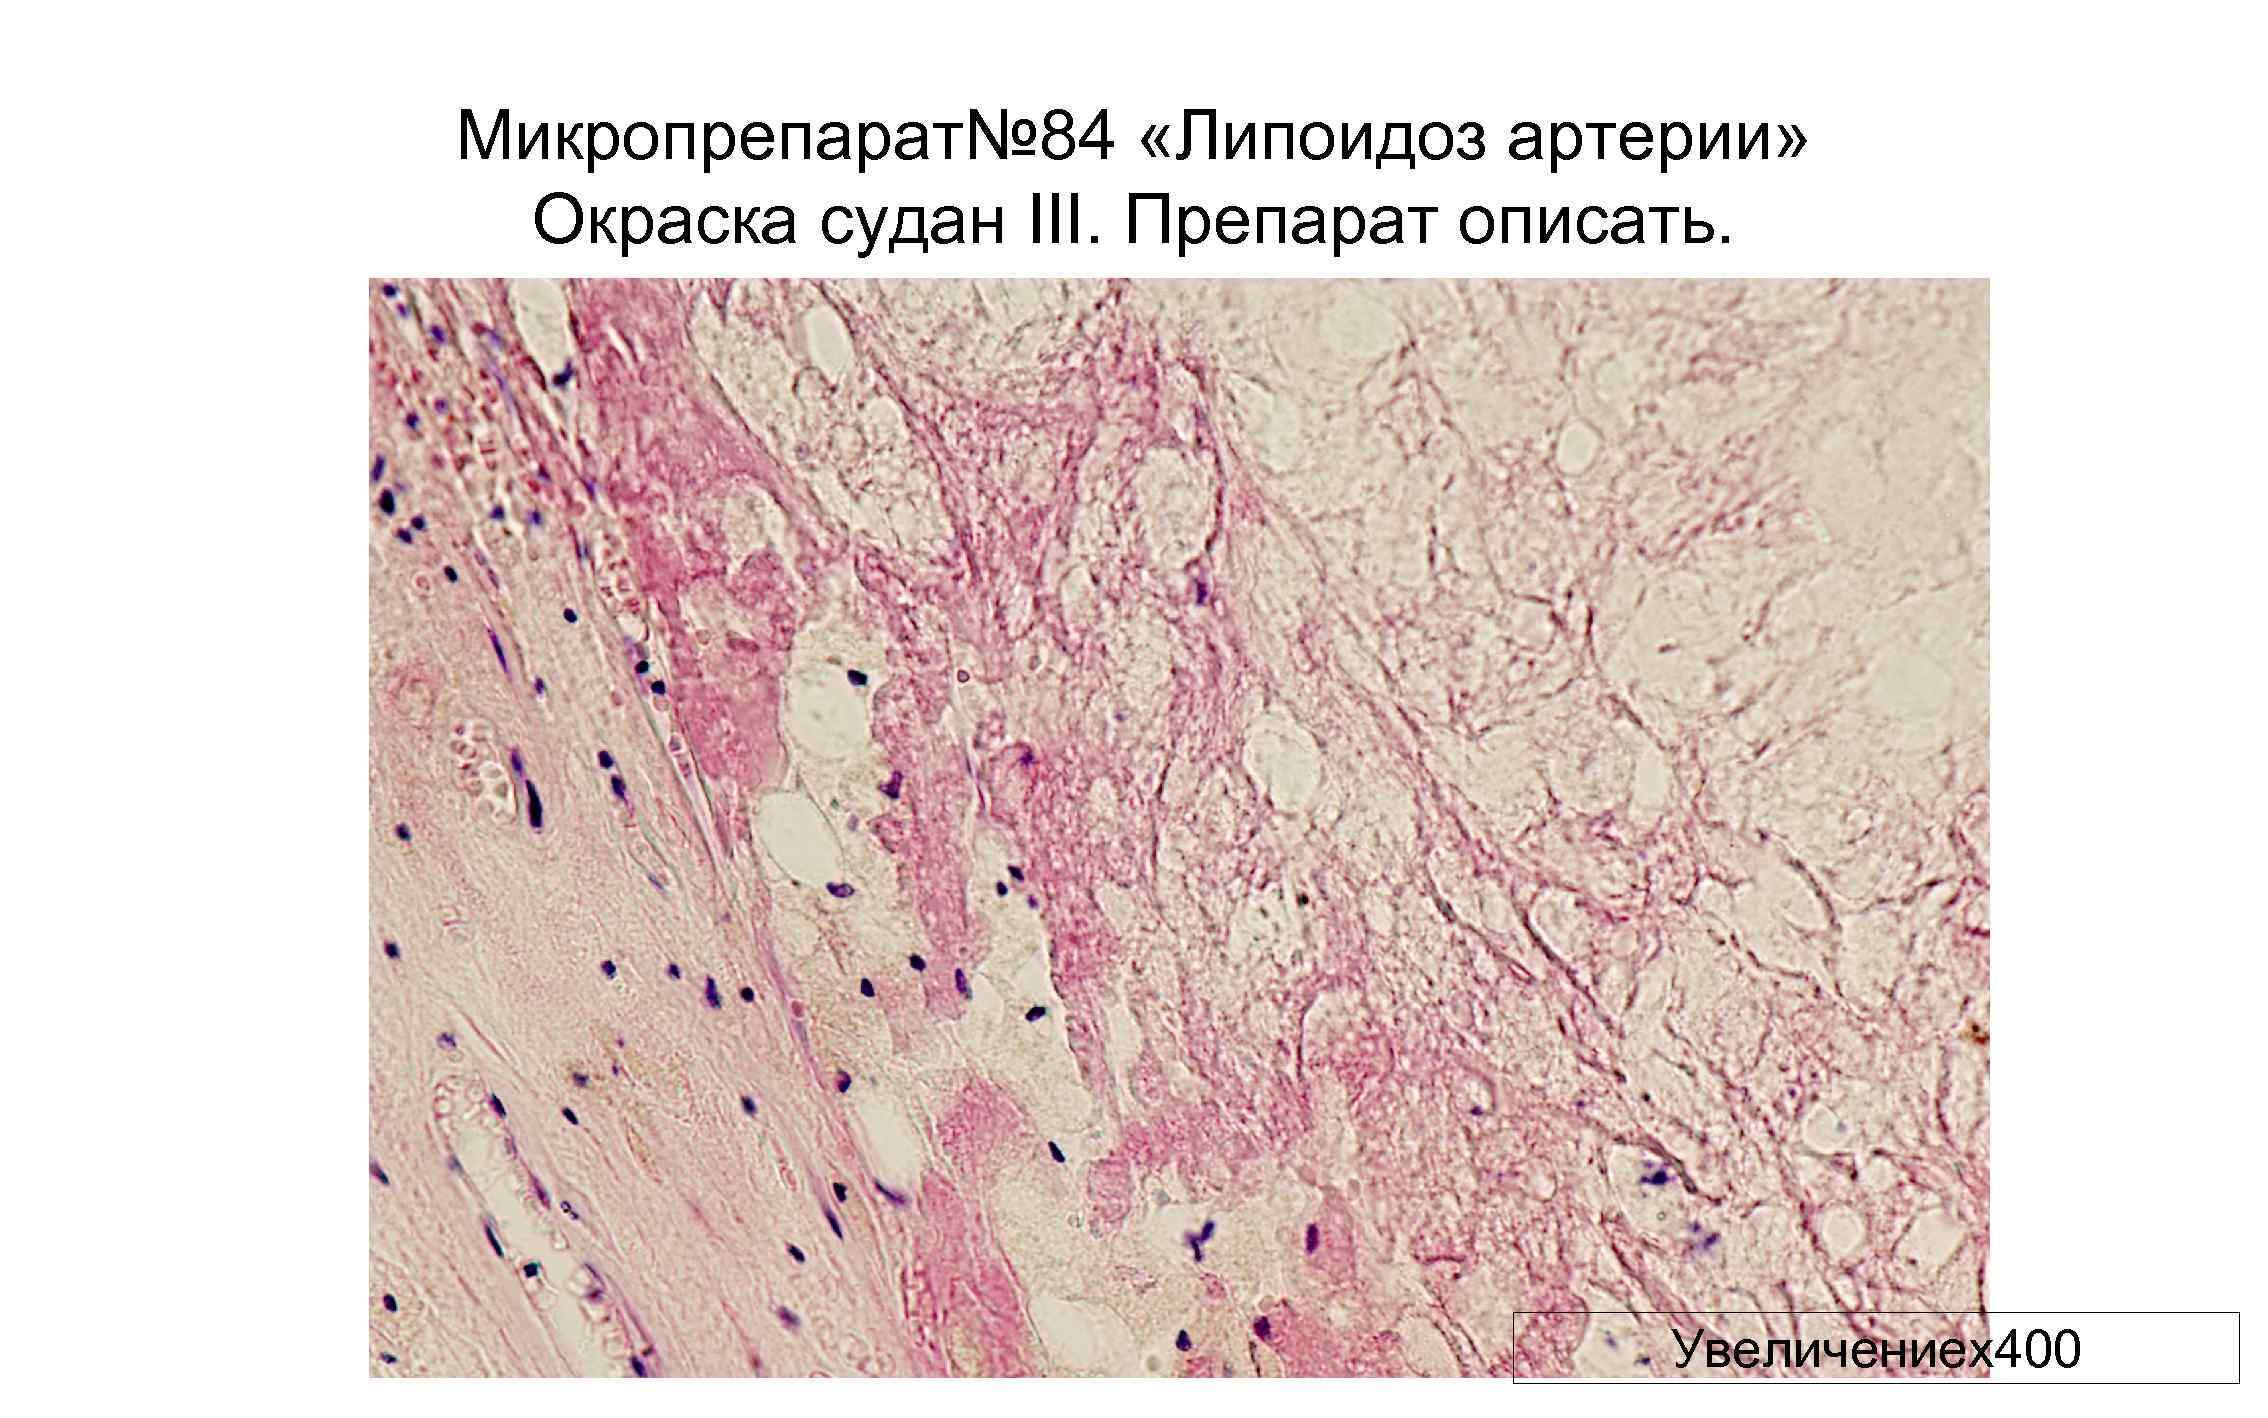 Микропрепарат№ 84 «Липоидоз артерии» Окраска судан III. Препарат описать. Увеличениех400